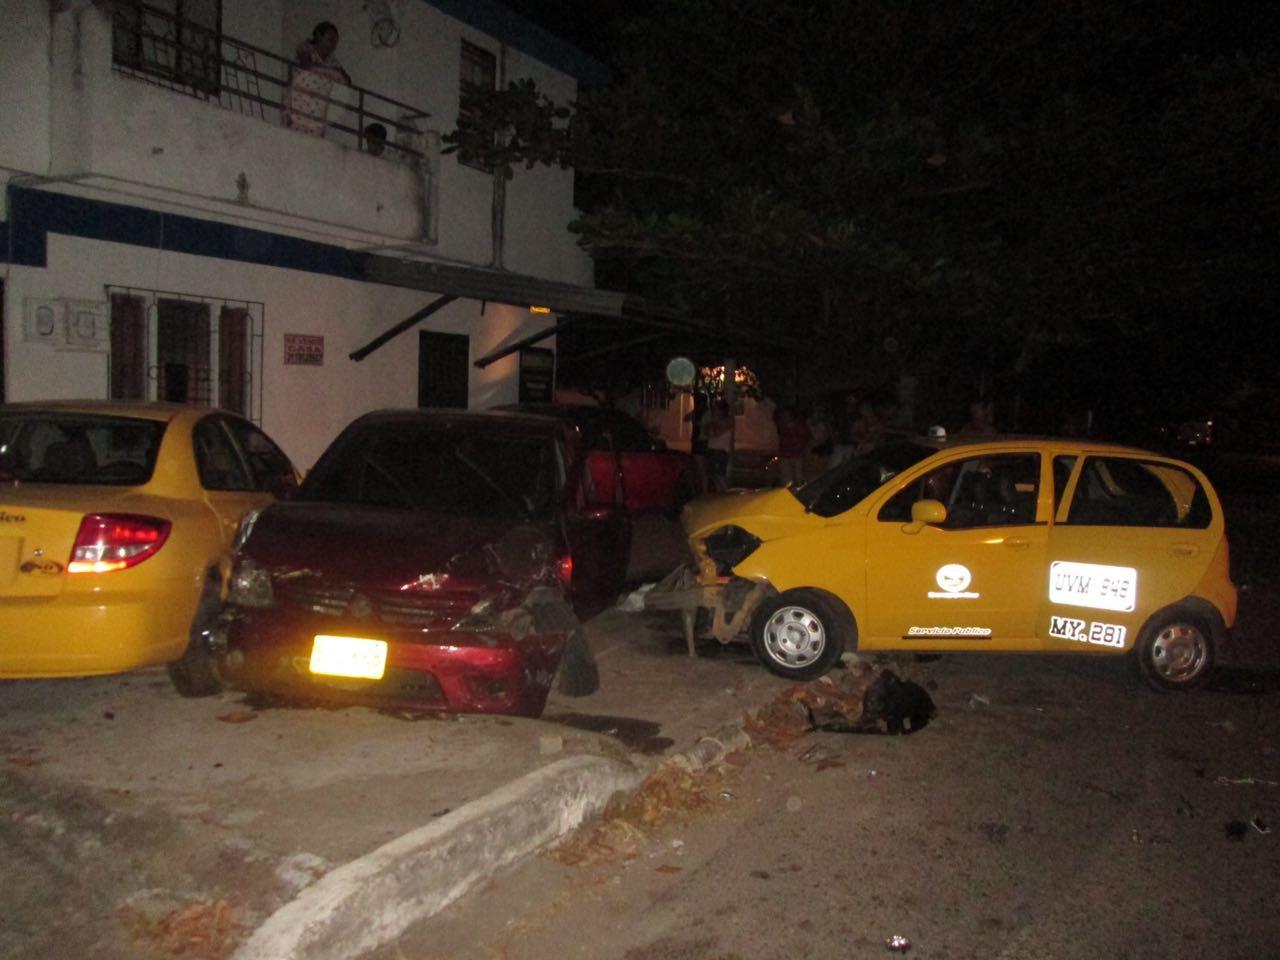 """#EnAudio """"Es el cuarto caso donde muere una persona por accidente de tránsito en Yopal y el tercero en estado de ebriedad"""": Stario. Transito Yopal."""